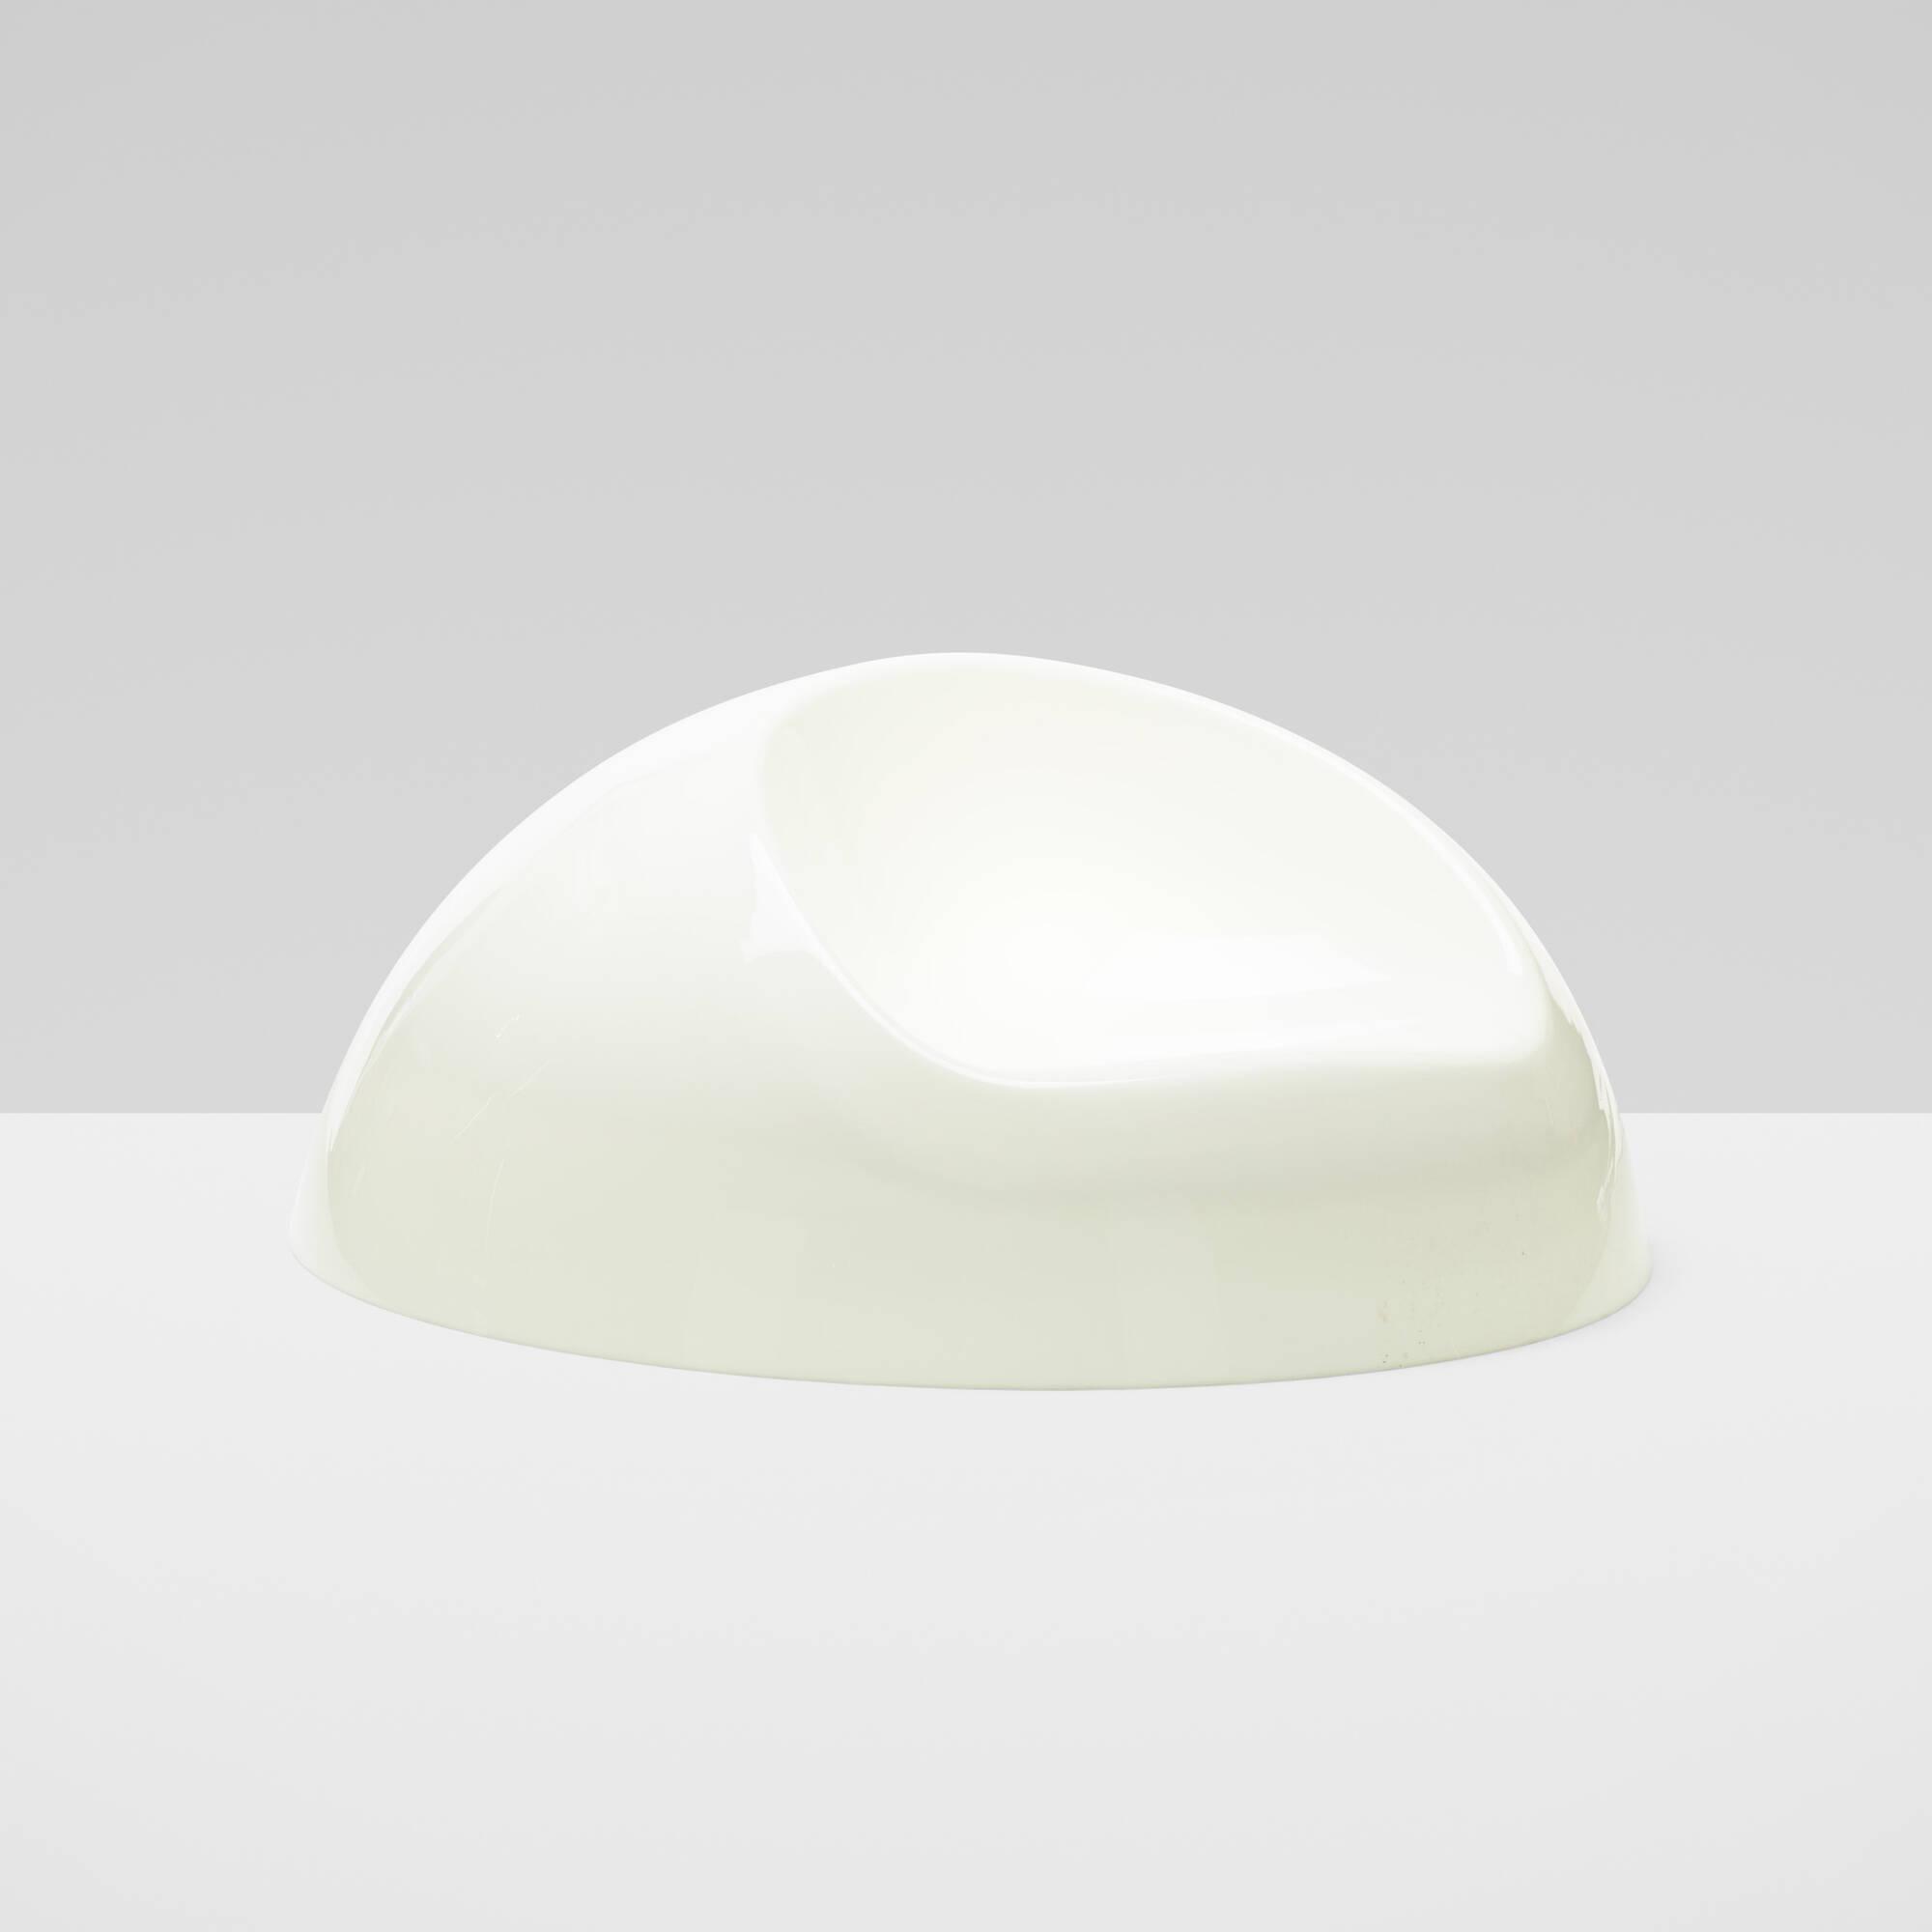 266: Shiro Kuramata / Luminous Chair (3 of 4)